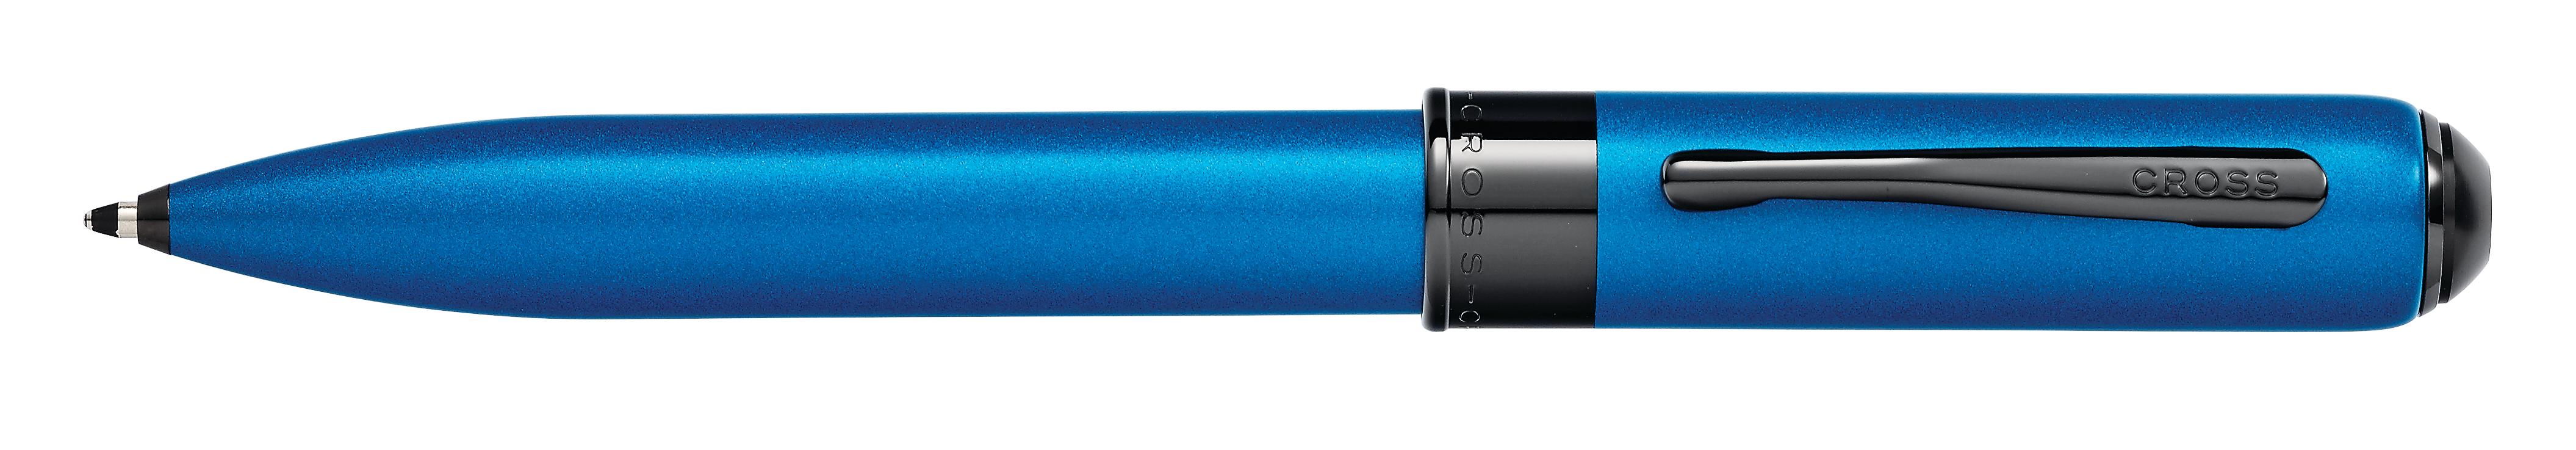 Cross TrackR Steam Blue Ballpoint Pen